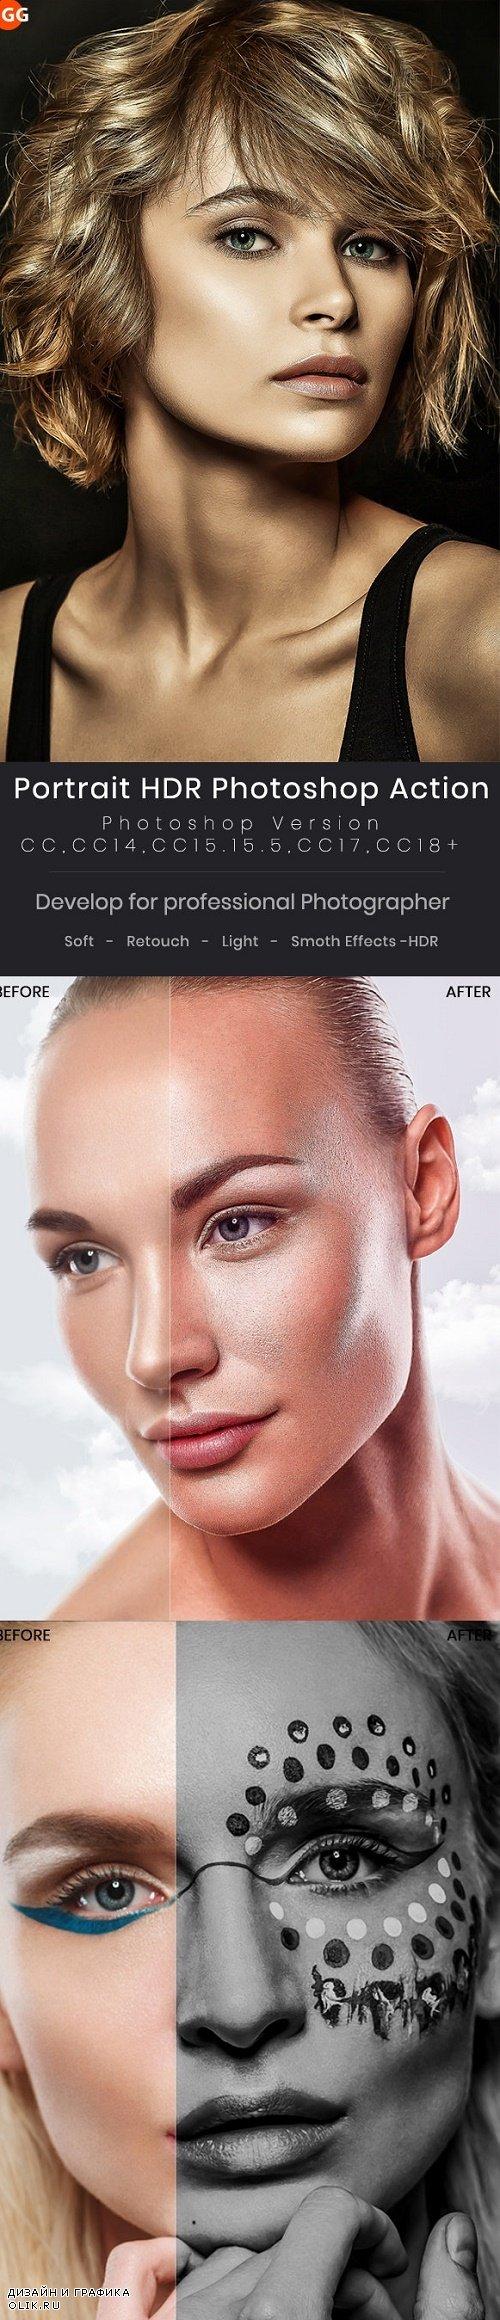 Portrait HDR Photoshop Action - 24419610